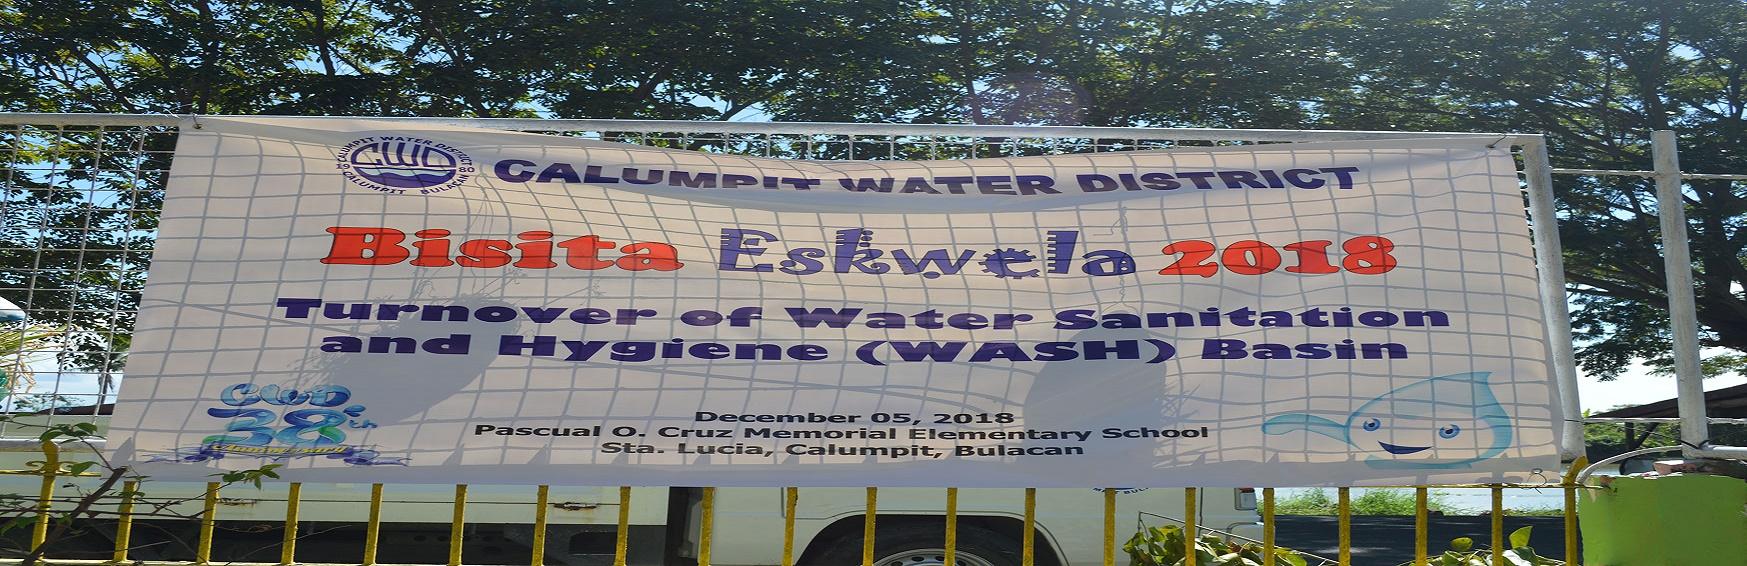 Bisita Eskwela 2018 for banner